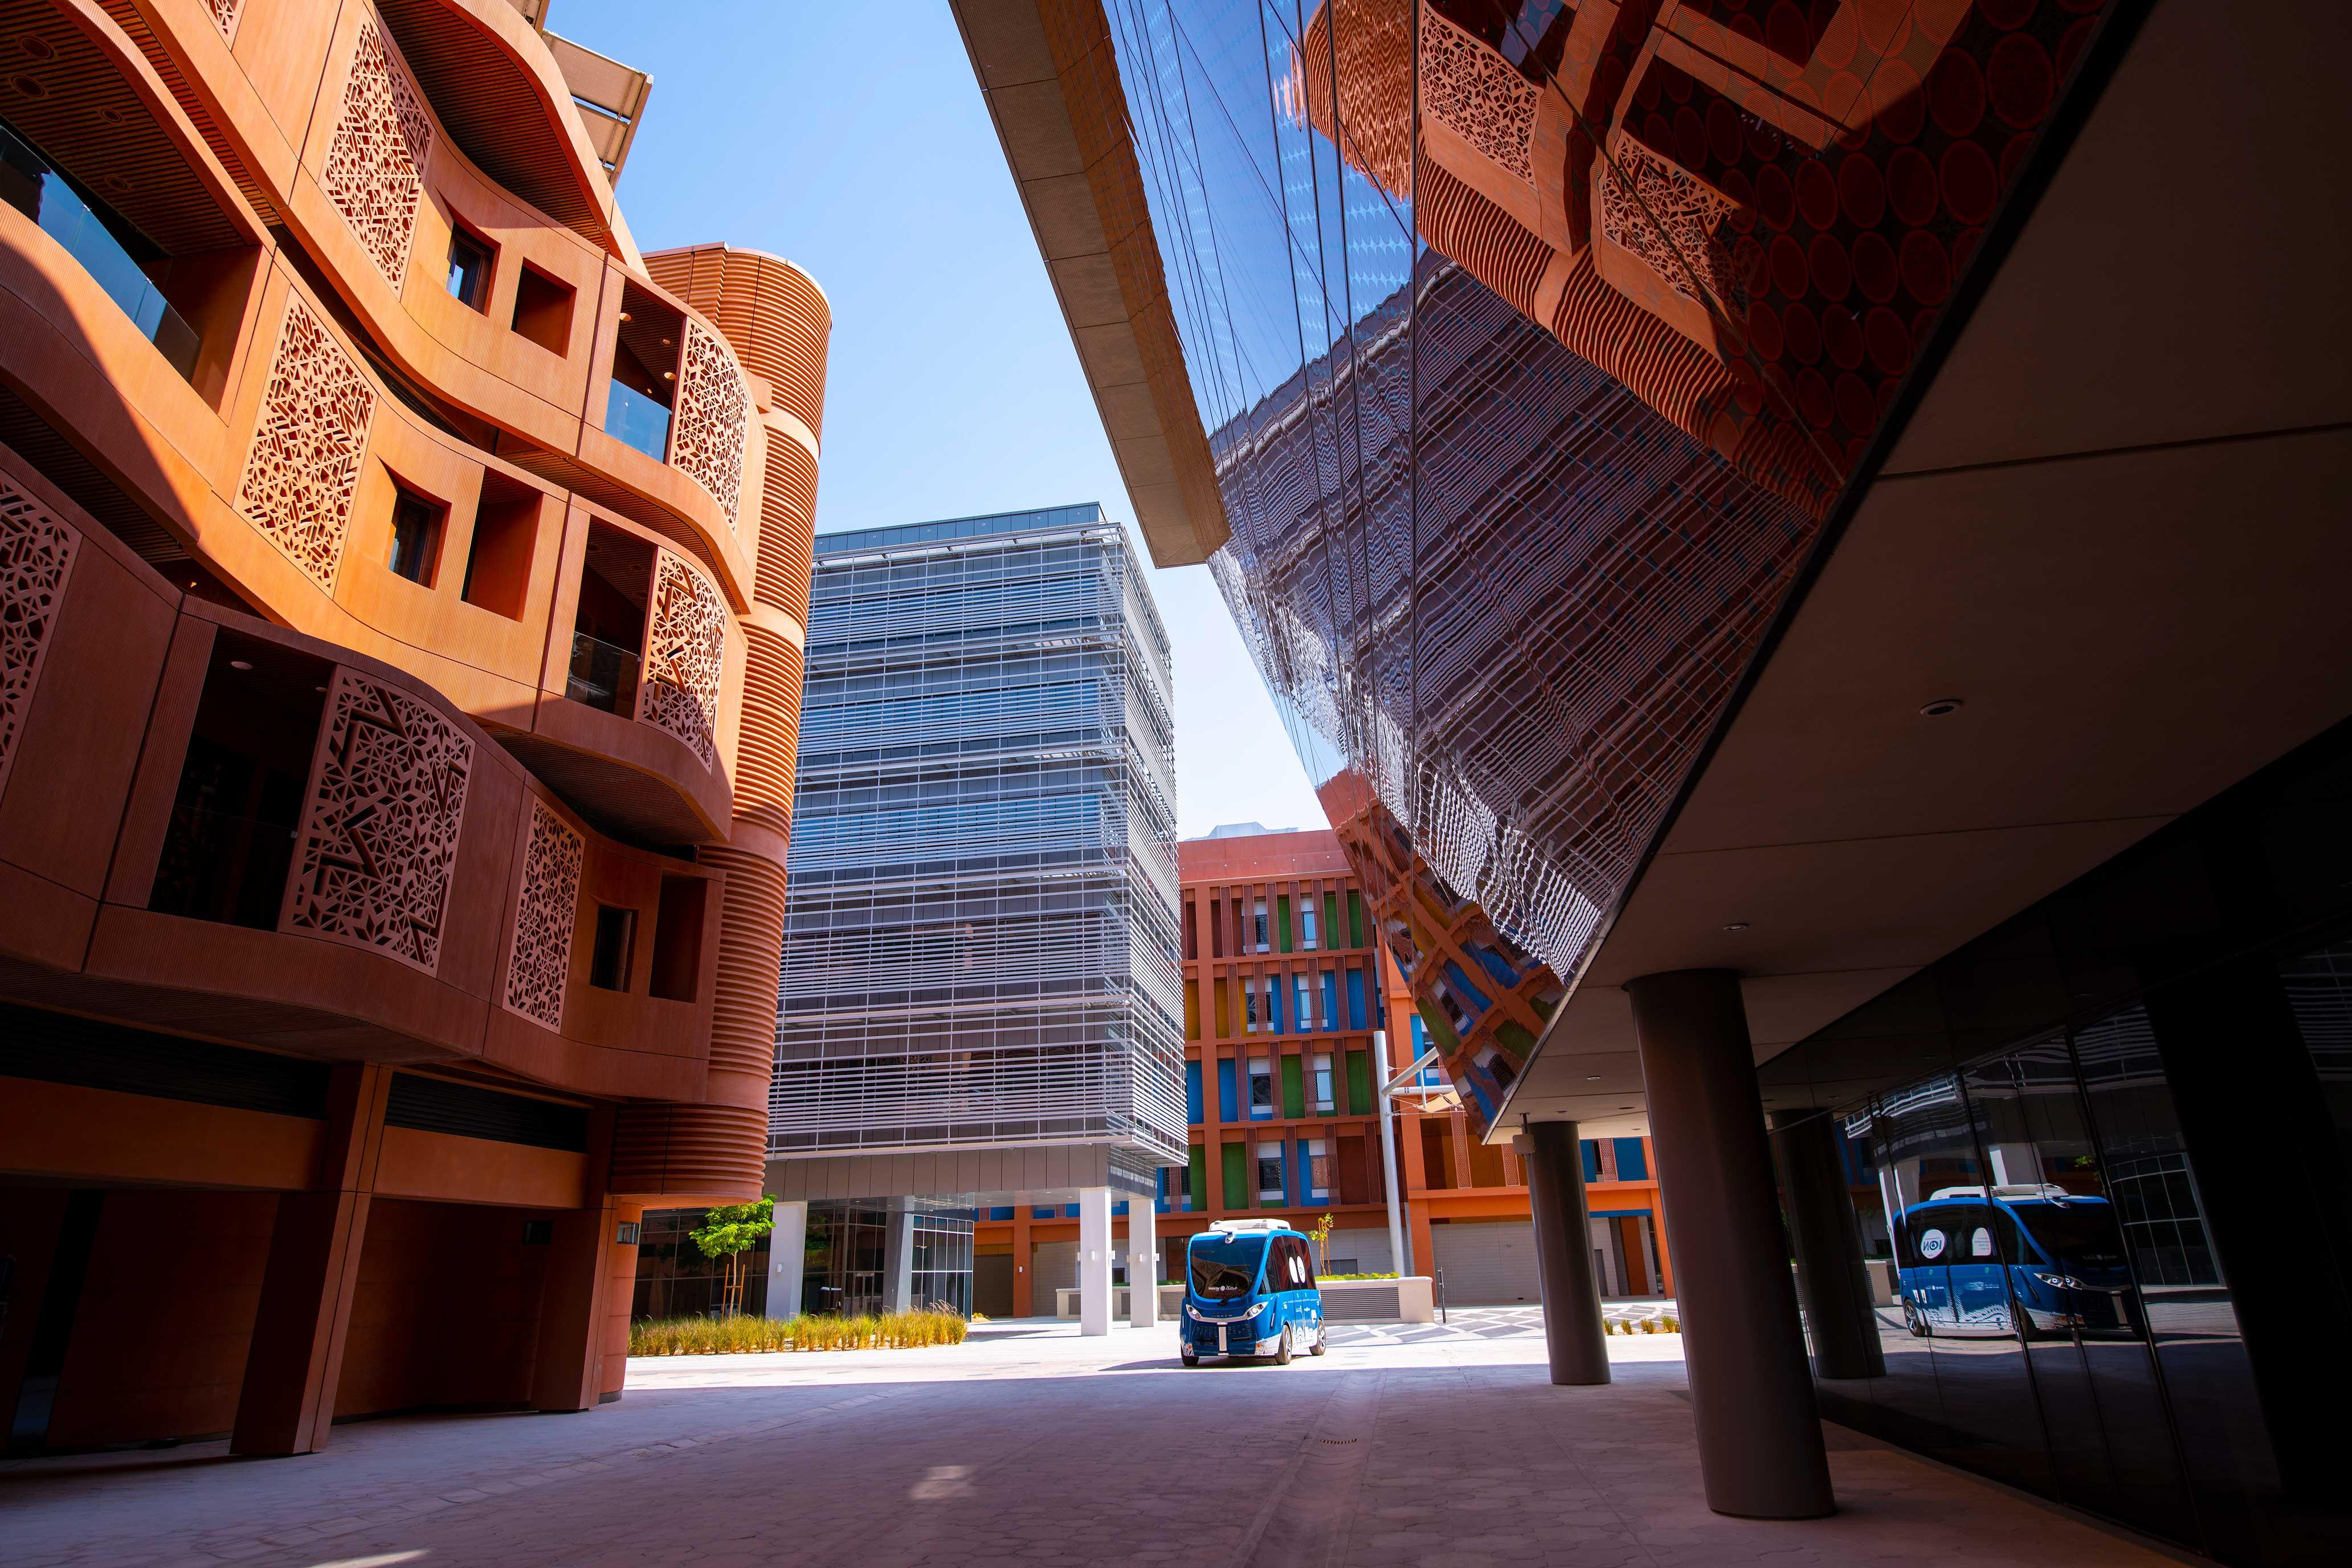 مدينة مصدر .. وجهة رائدة لكبرى الشركات المبتكرة في المنطقة والعالم